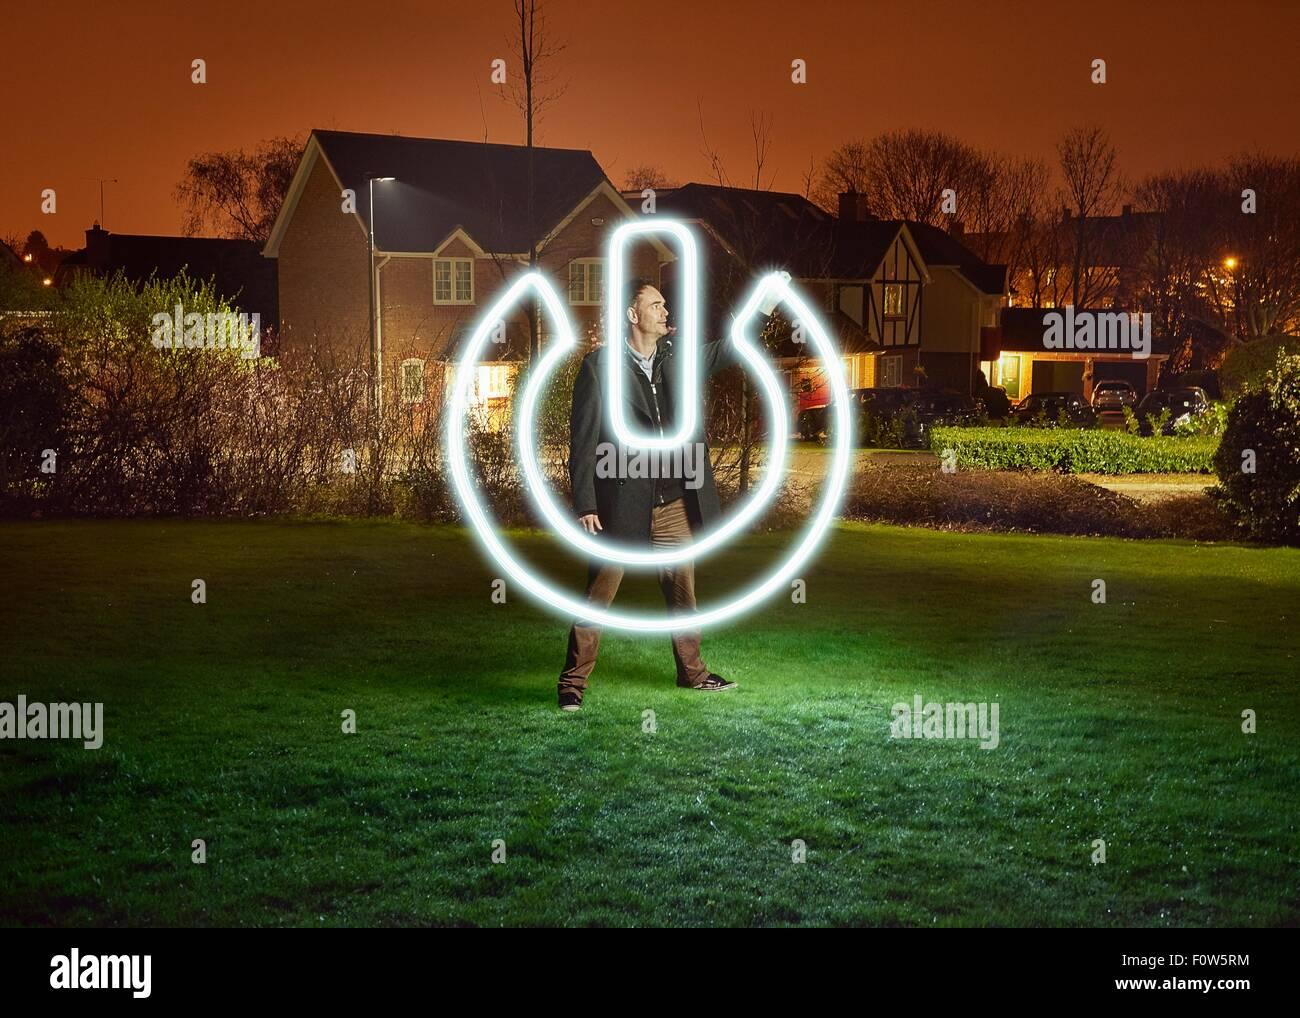 Künstler-Licht Malerei einen Power-Schalter-Symbol im park Stockbild